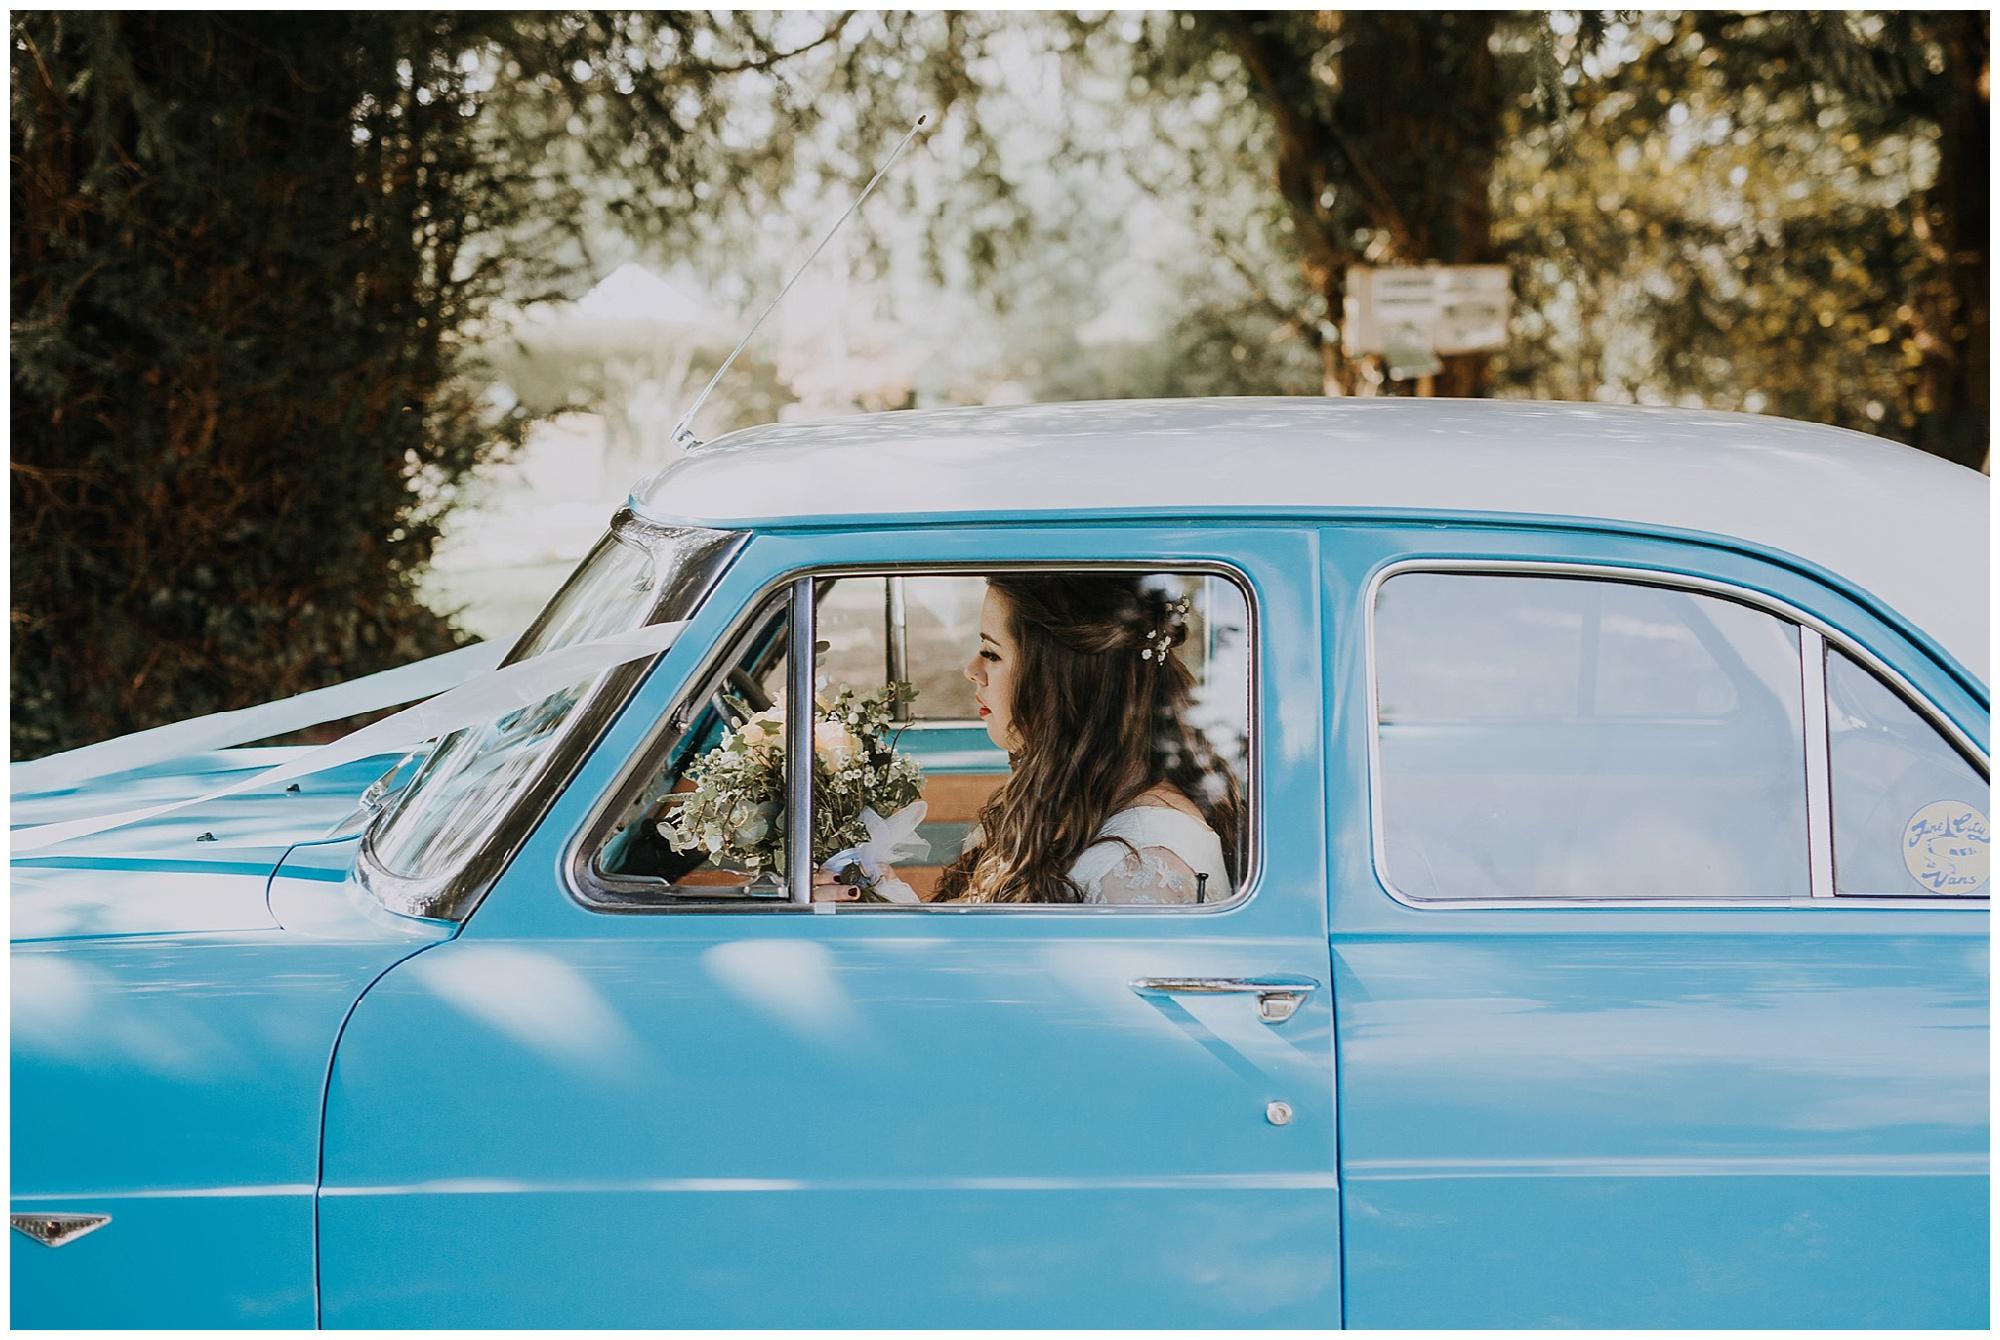 ford anglia car at wedding